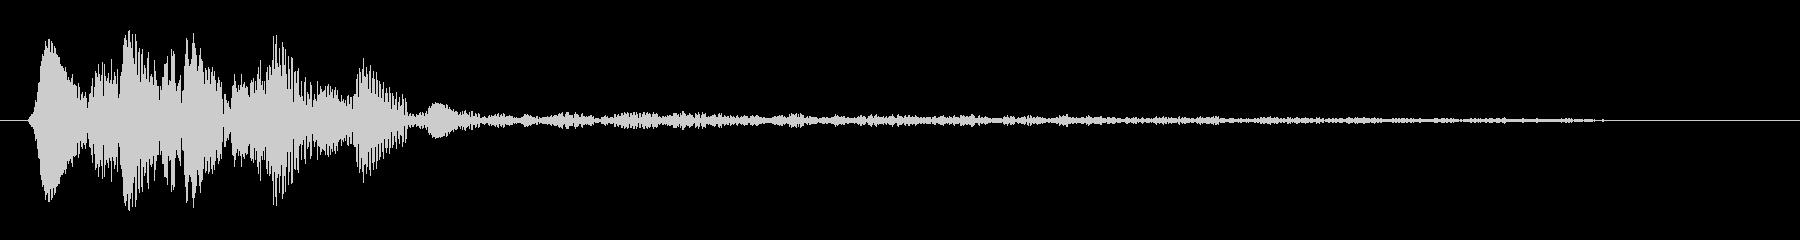 チュワン(金属系音)短めの未再生の波形